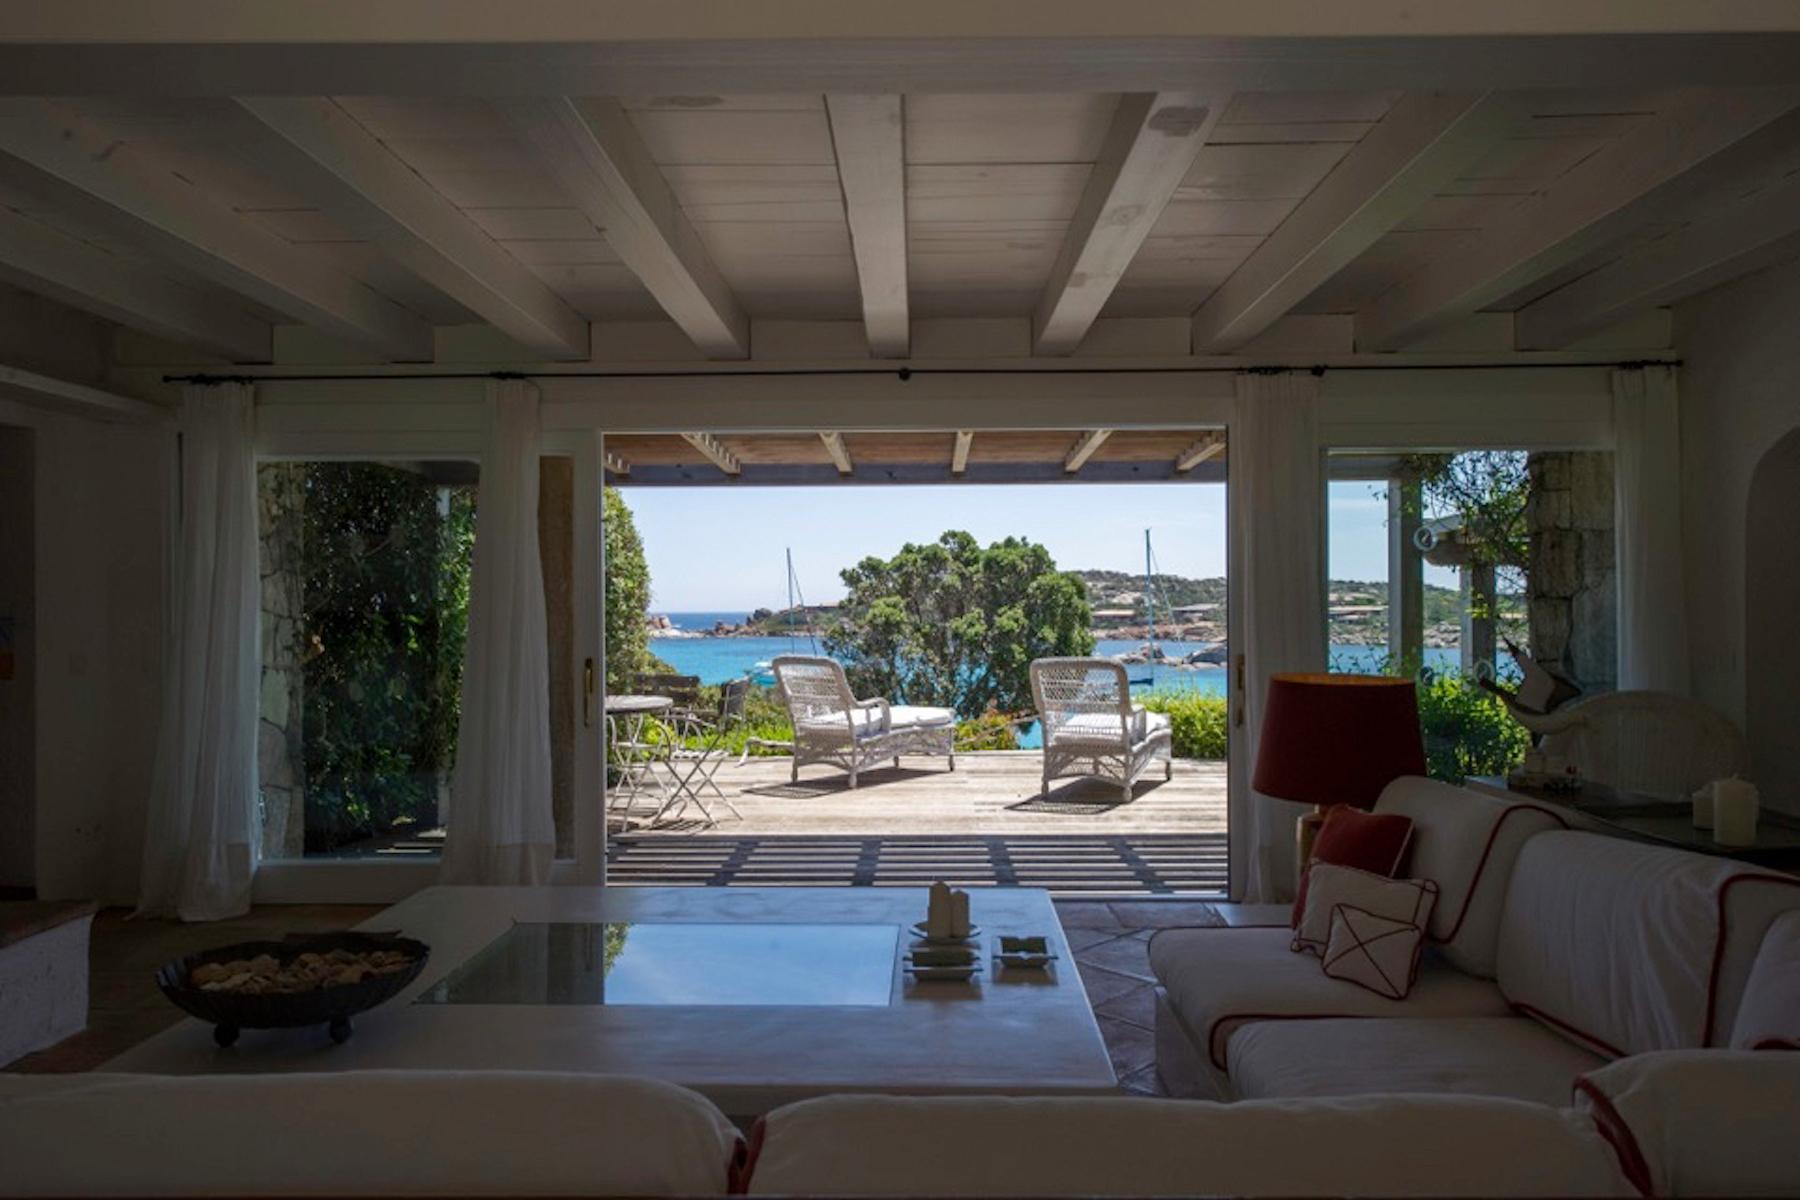 Cavallo Island, Corsica - Secluded villa with breathtaking seaview - 14